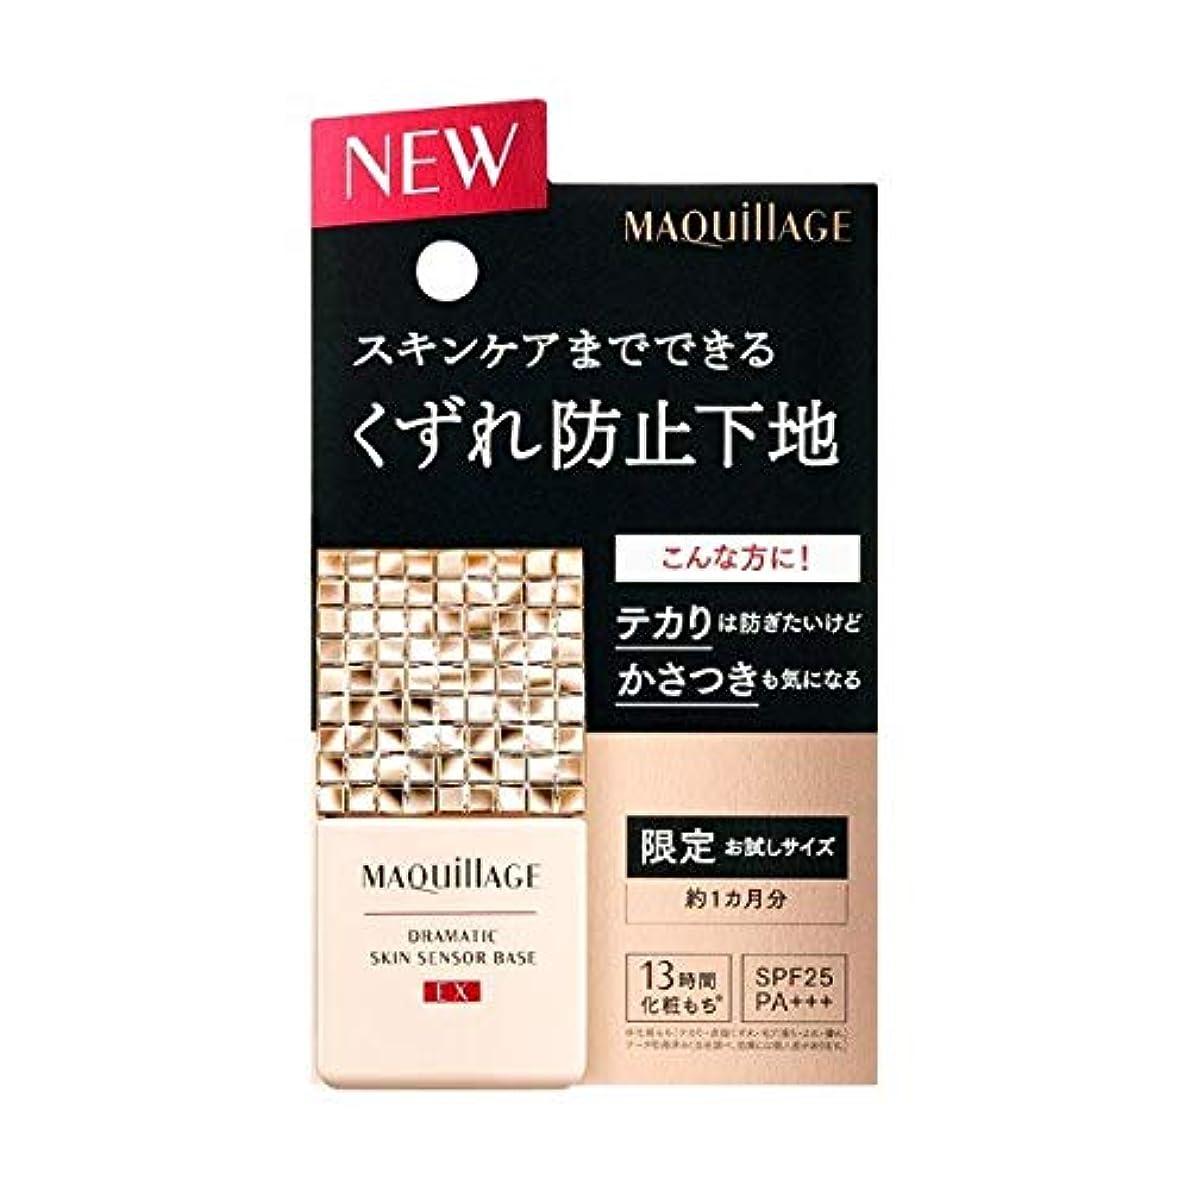 限定品☆ 資生堂 マキアージュ ドラマティックスキンセンサーベース EX (ミニサイズ)